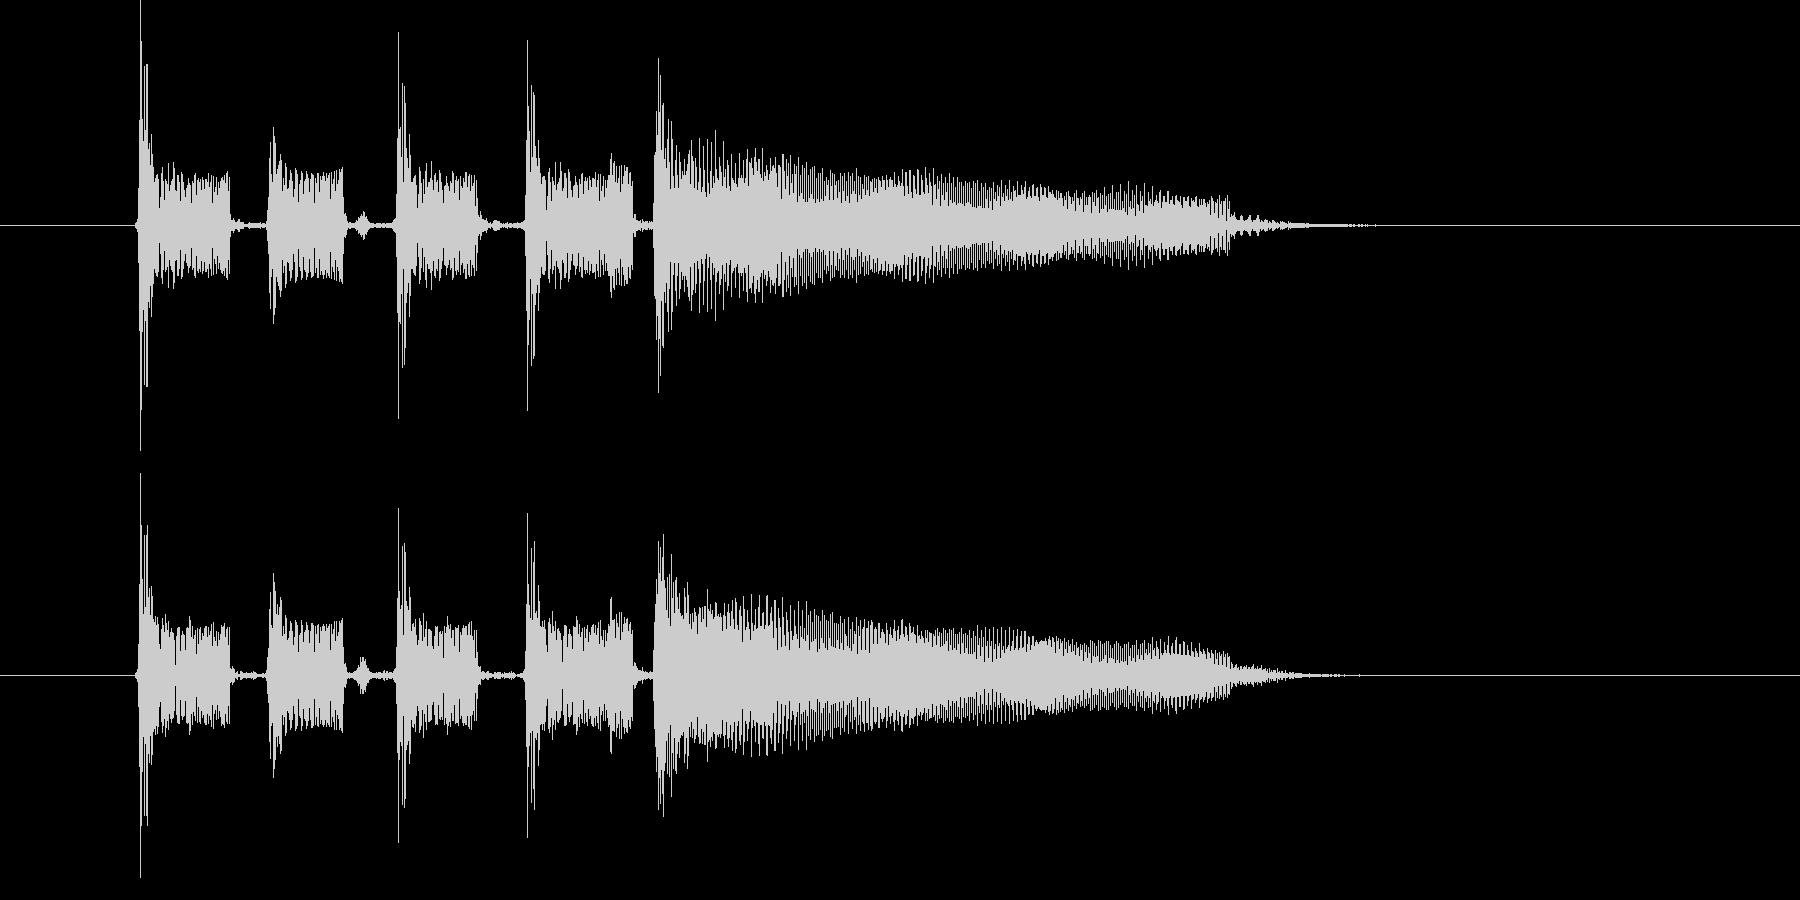 アップテンポで爽快感のある音楽の未再生の波形